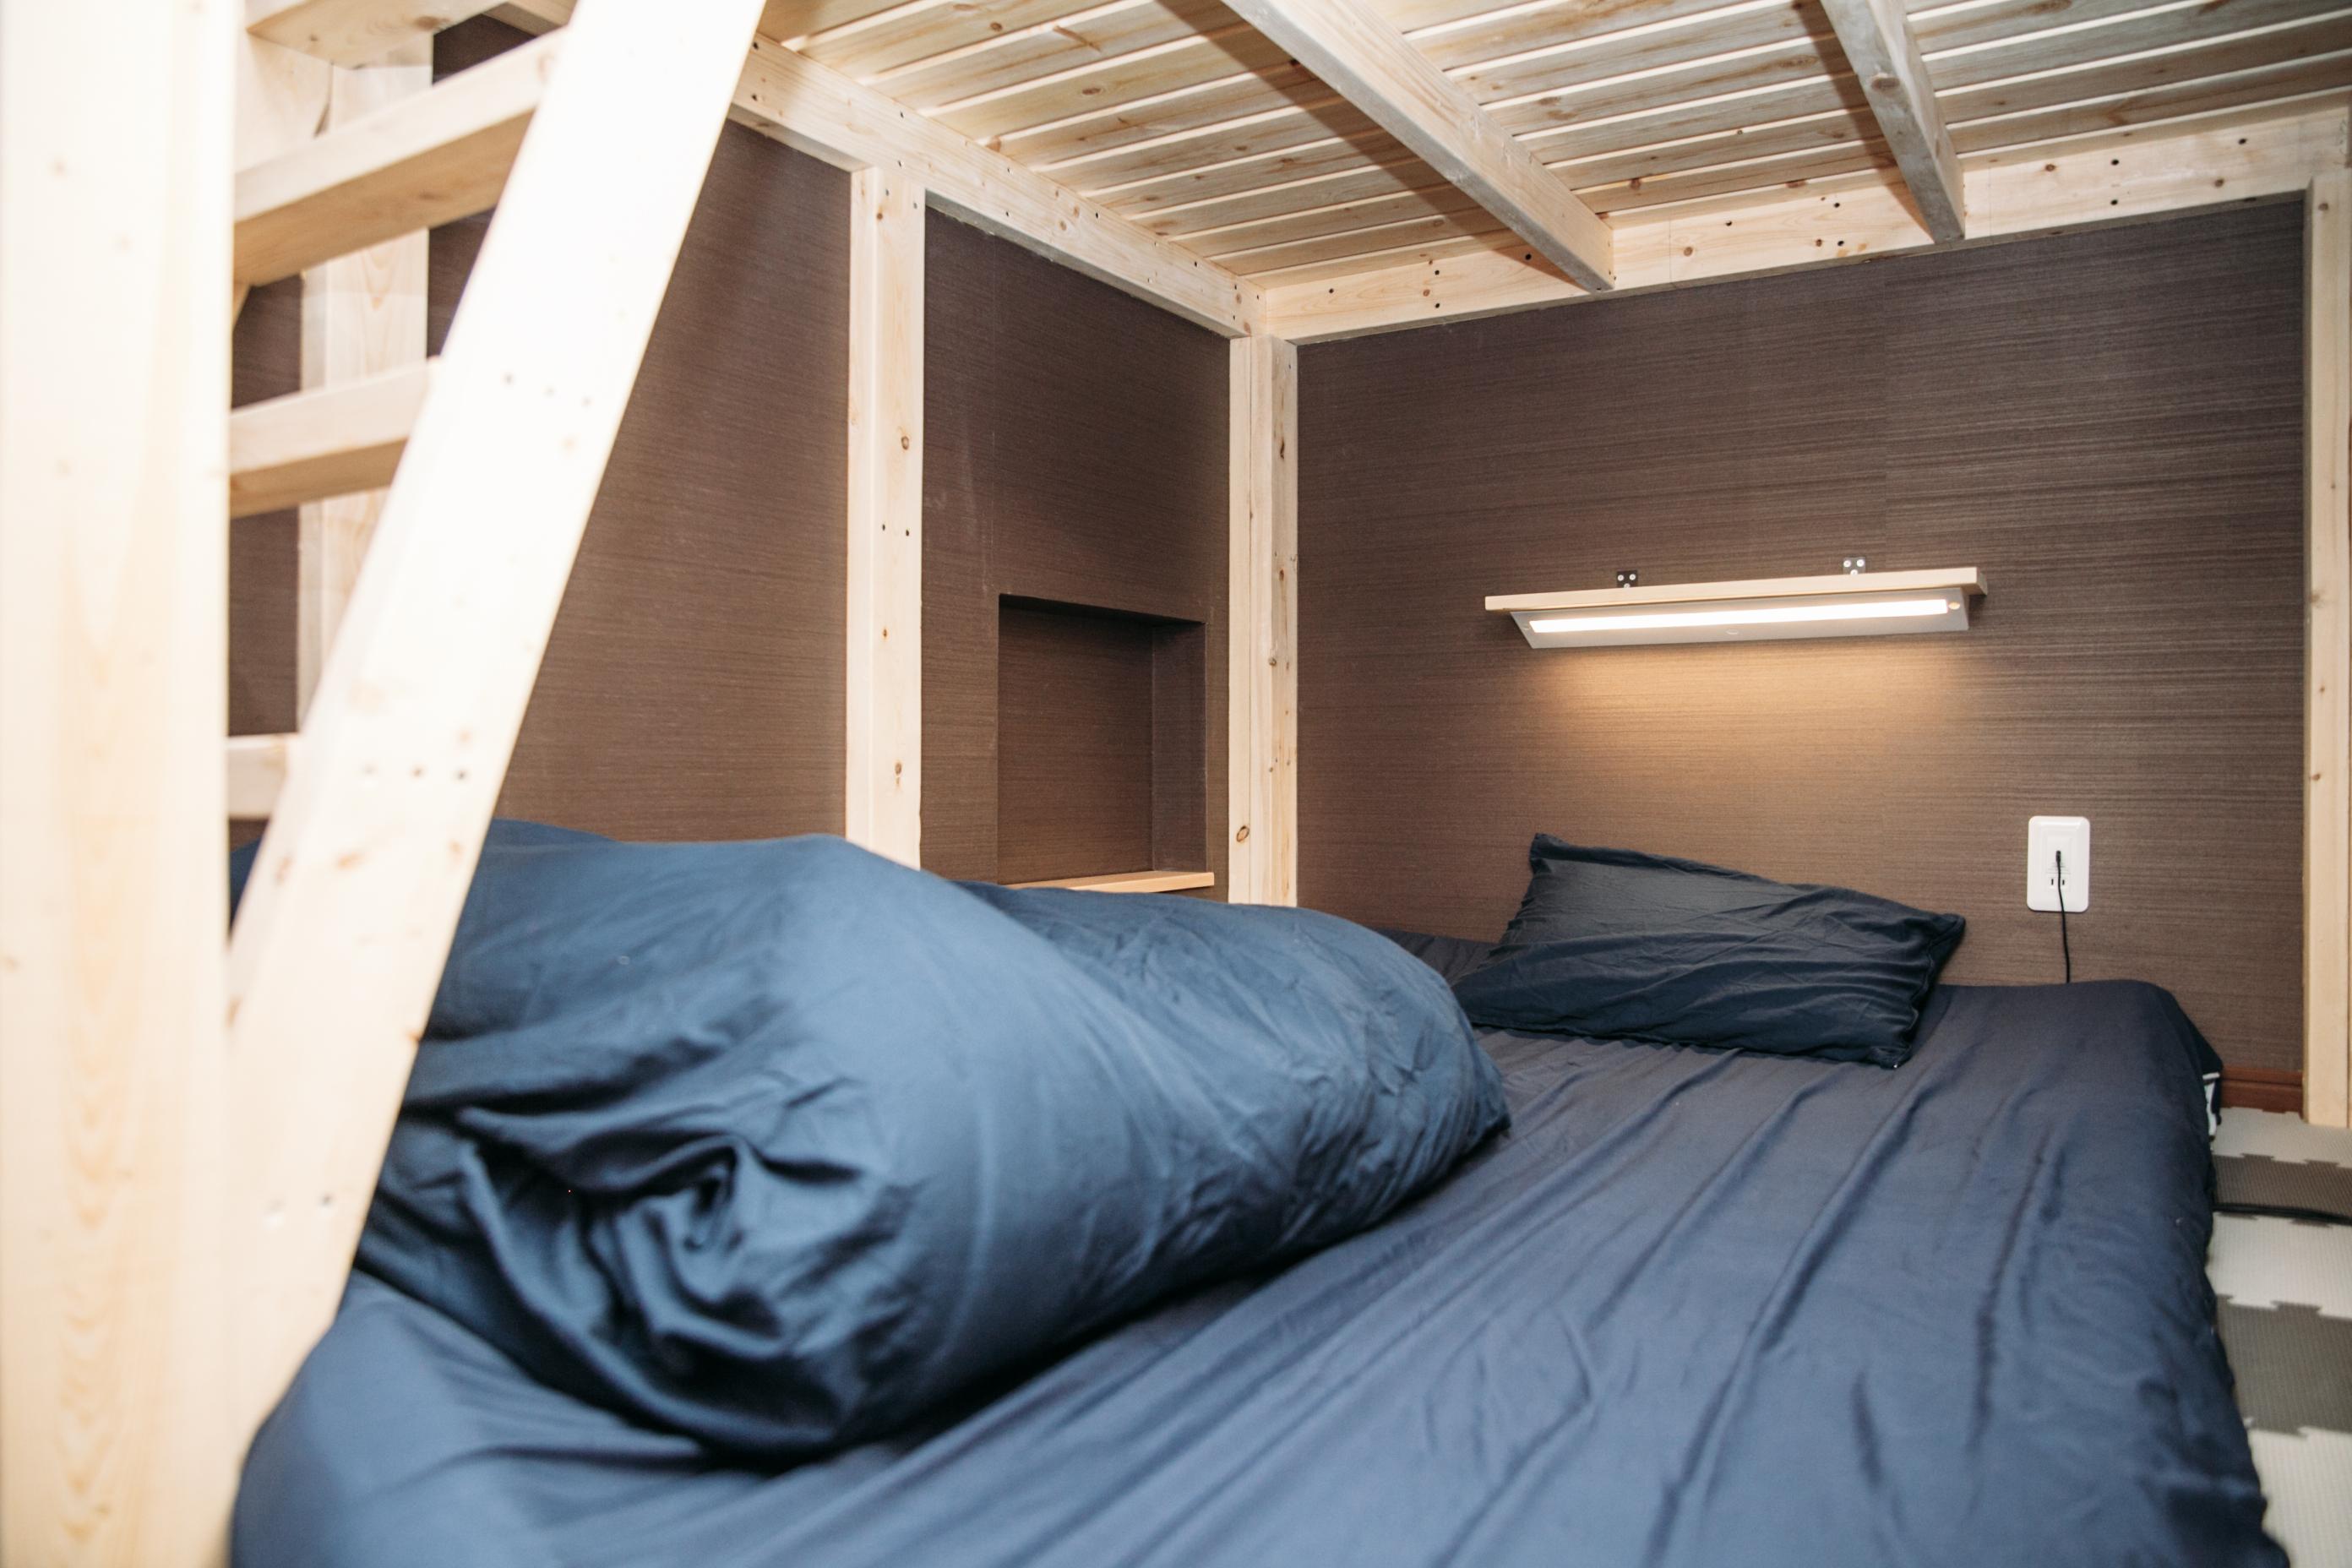 枕元にはライトや電源もあります